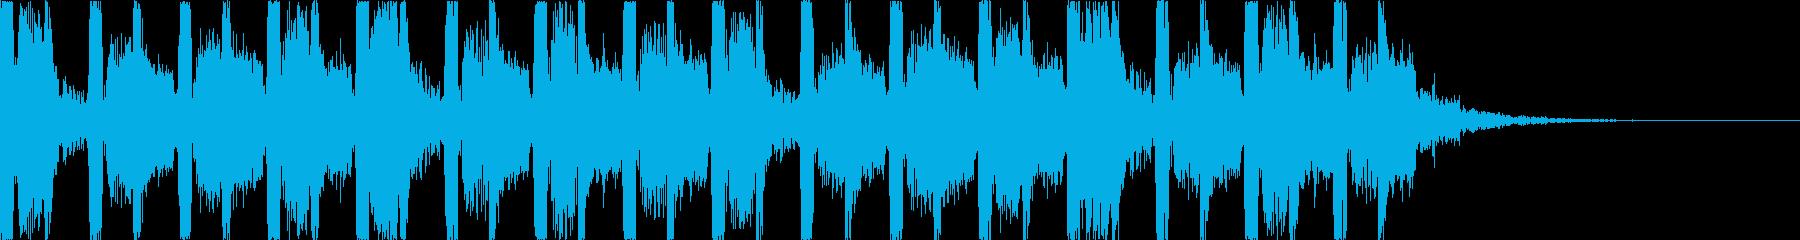 キャッチーでダークなEDM4の再生済みの波形